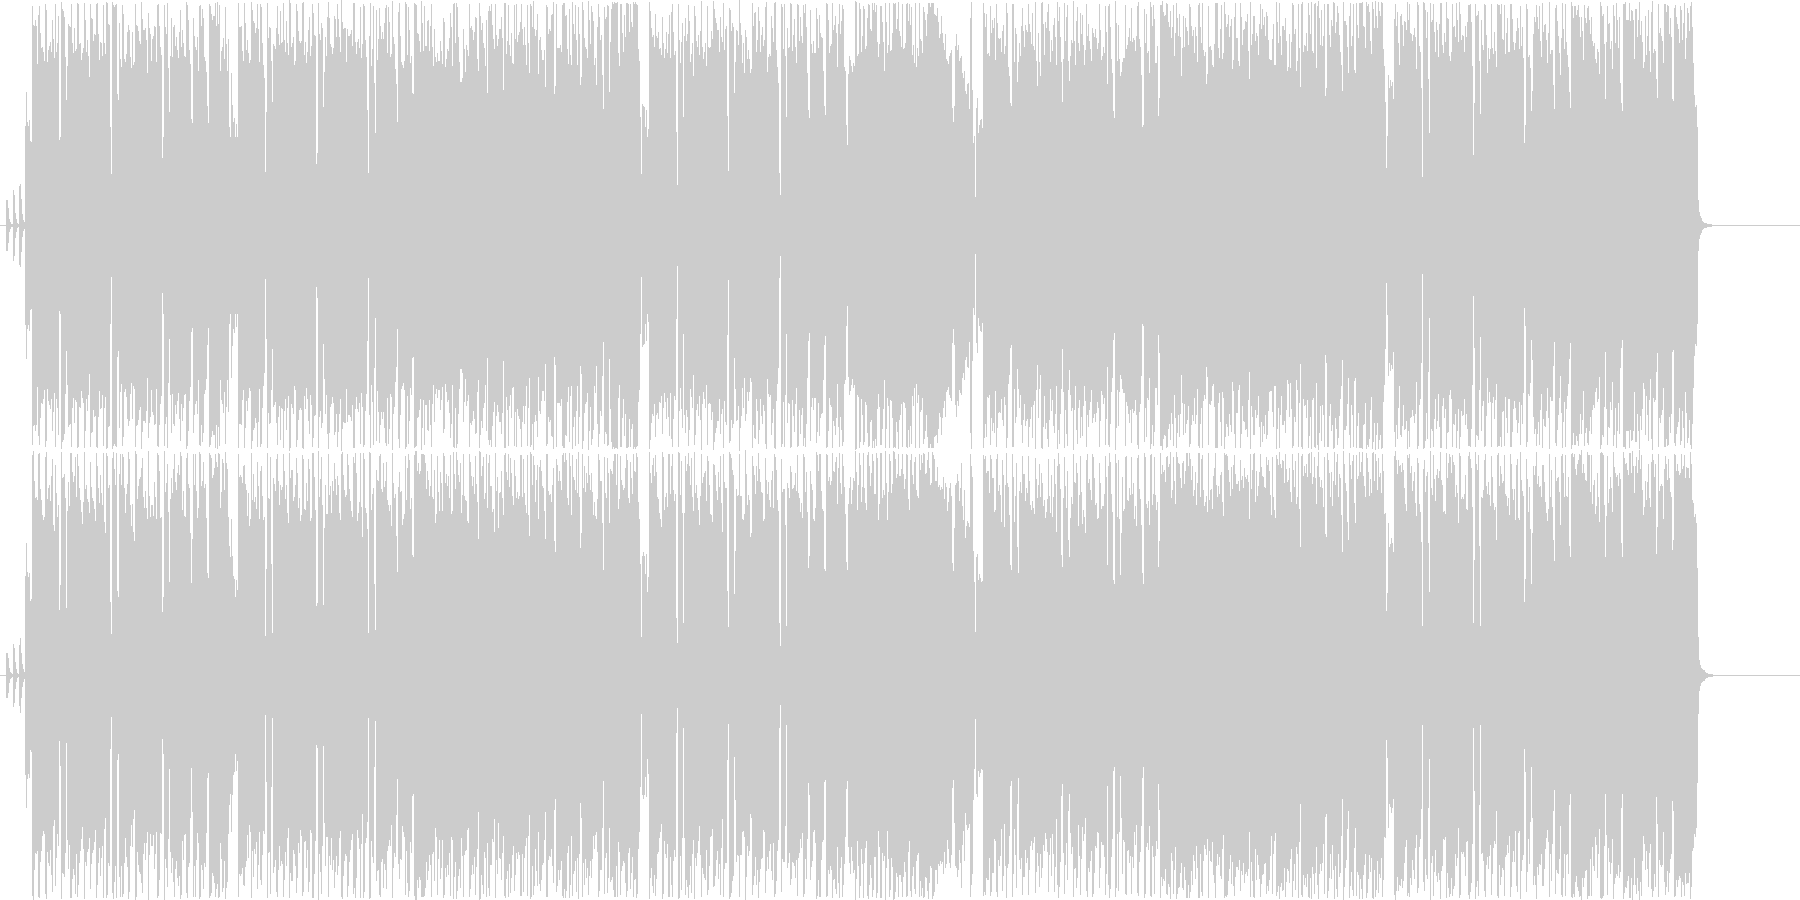 ギターインスト歌謡ロックの未再生の波形